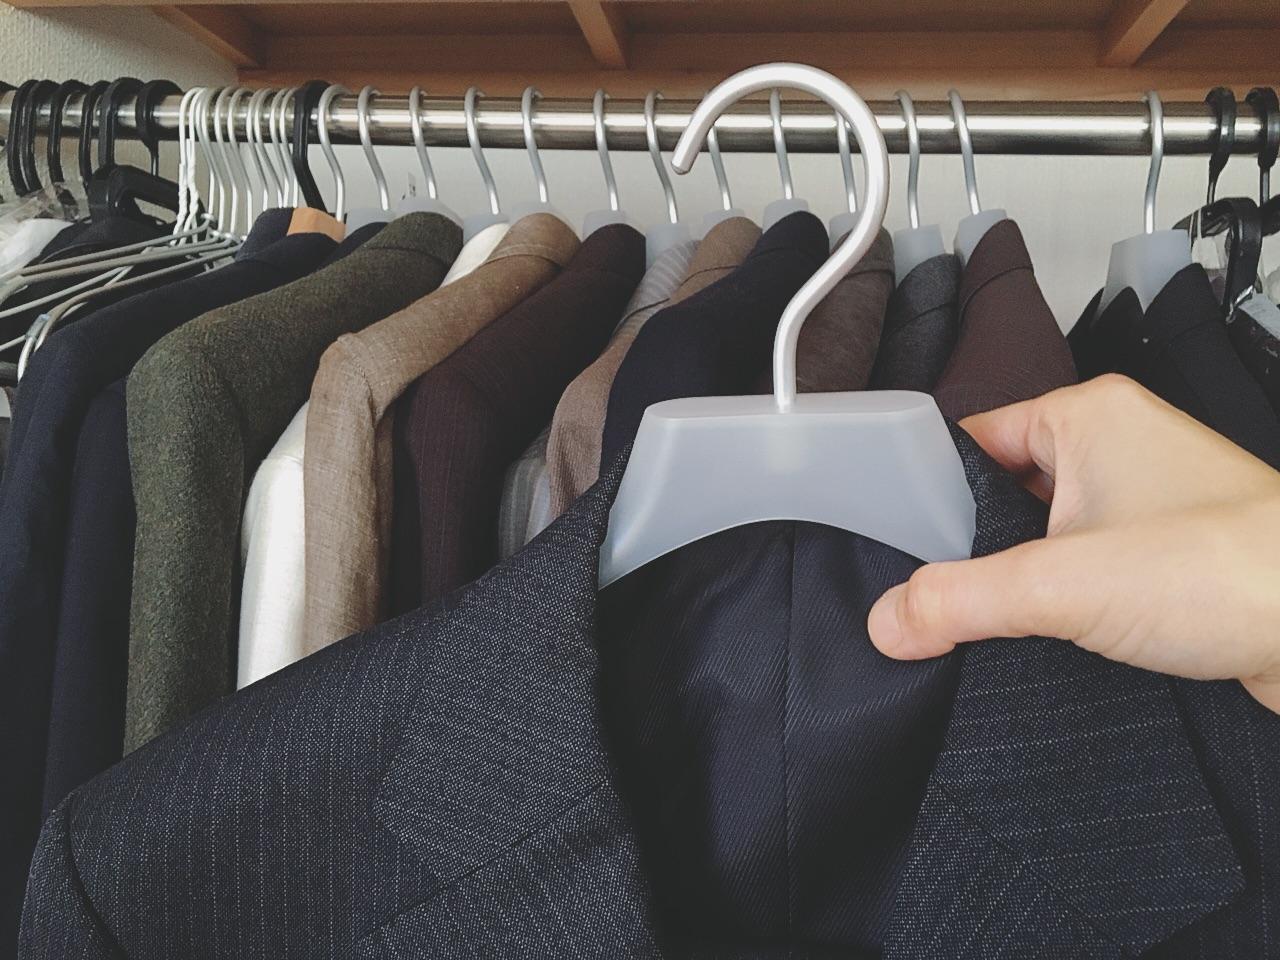 無印良品公式HPはこちらから 無印良品のポリプロピレンハンガー紳士用です。 夫のスーツ上下をこの1本でカバーしてくれる心強さ。 スラックスがずり落ちない仕様になっ  ...